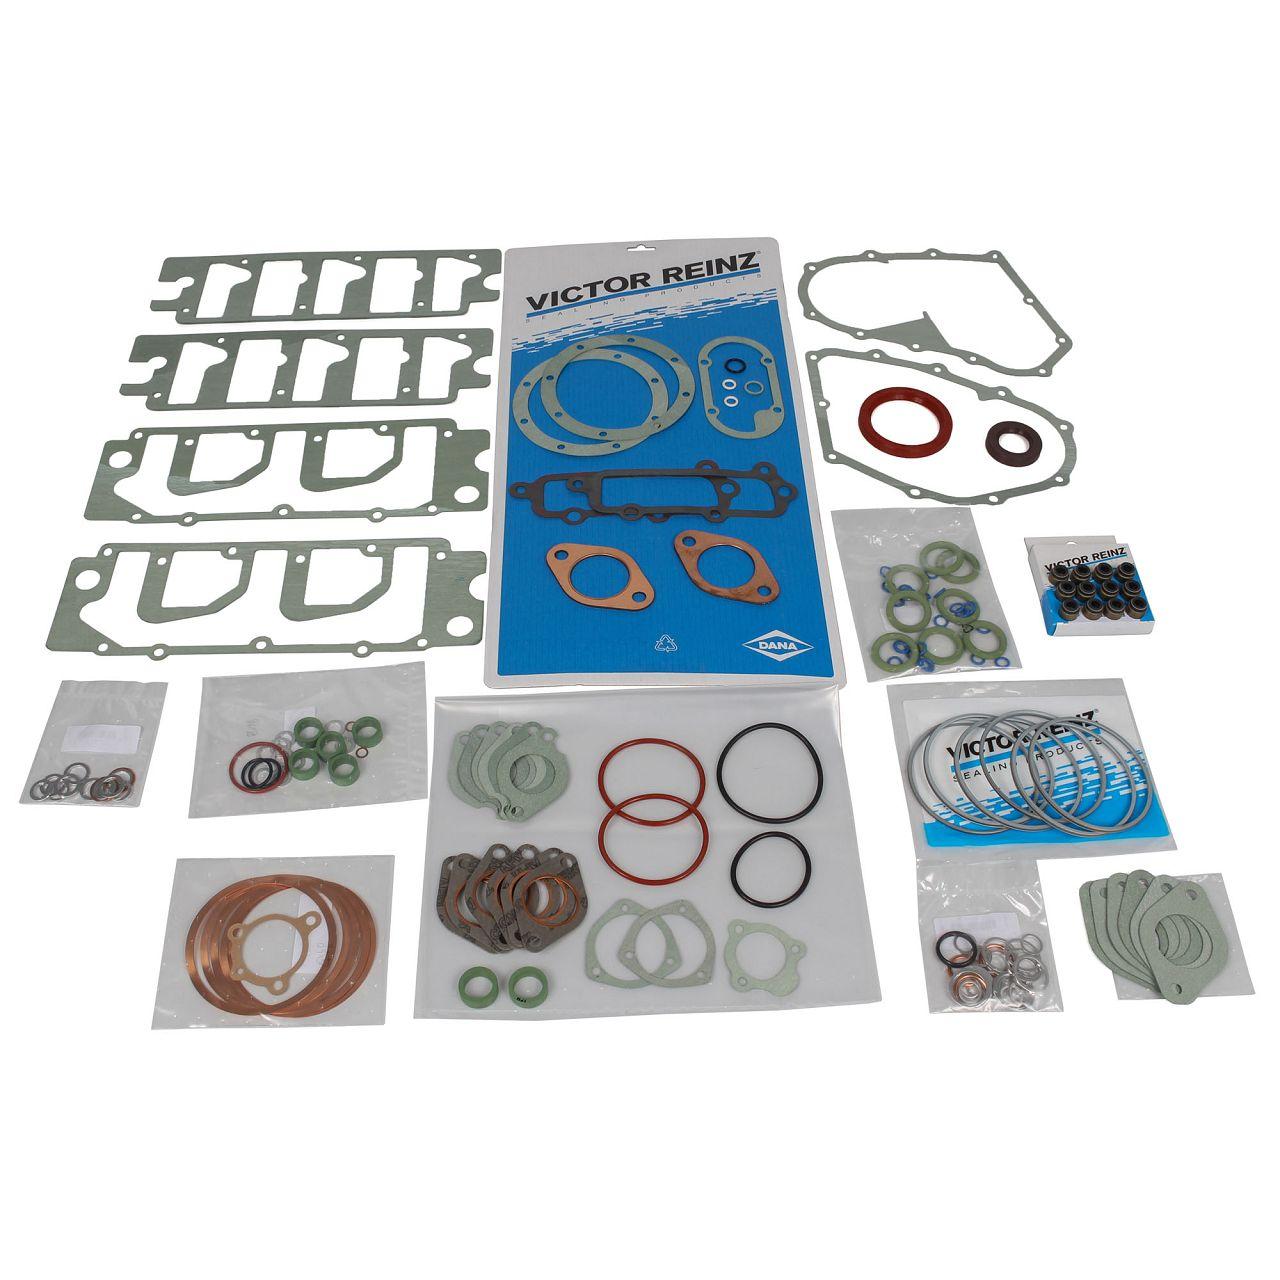 REINZ 01-23405-04 Motordichtungssatz für PORSCHE 911 2.2/2.3 T 70-73 9111090300